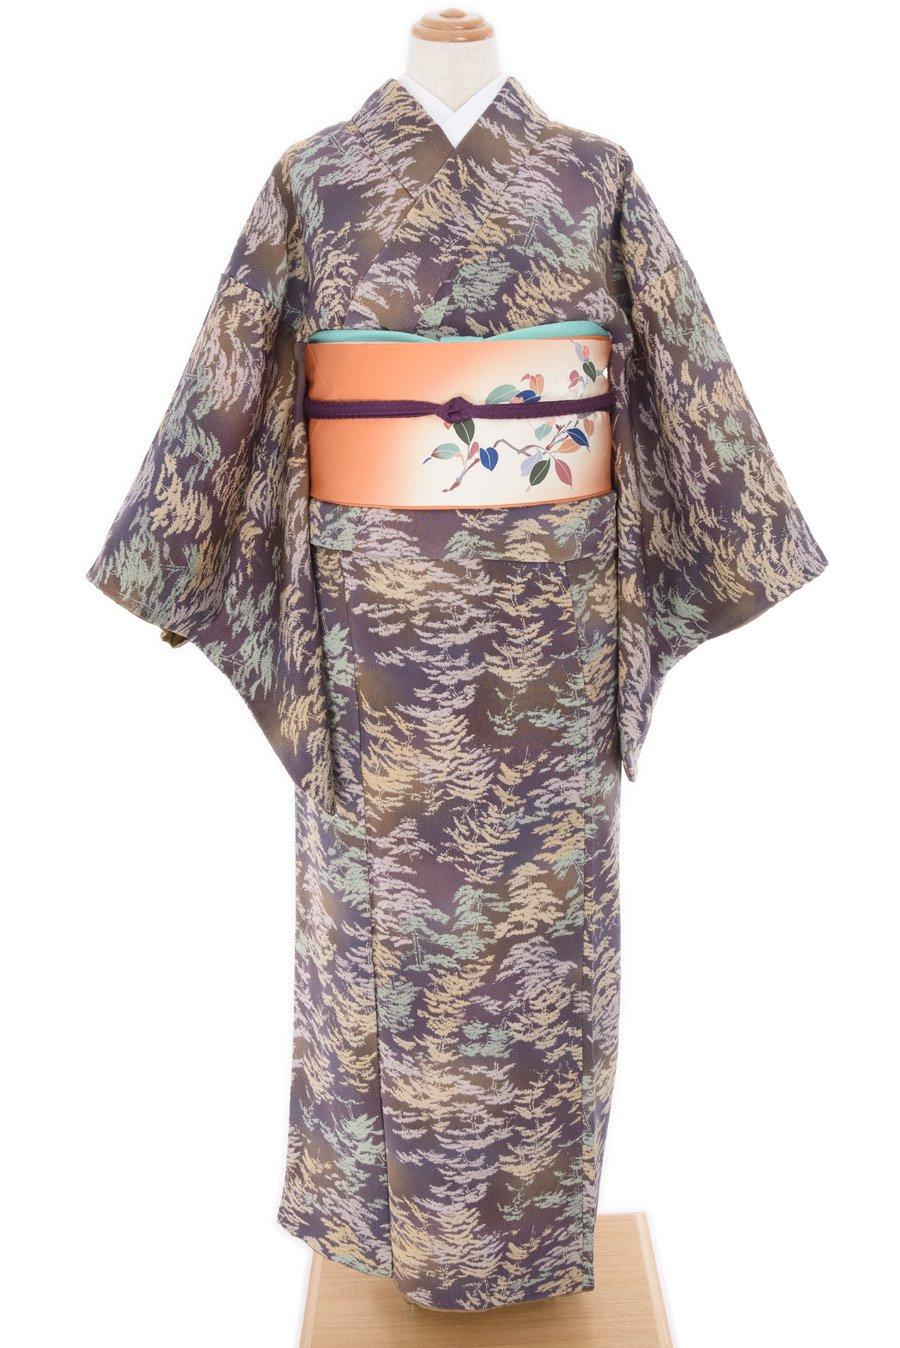 「縮緬 グラデーションカラーの松」の商品画像